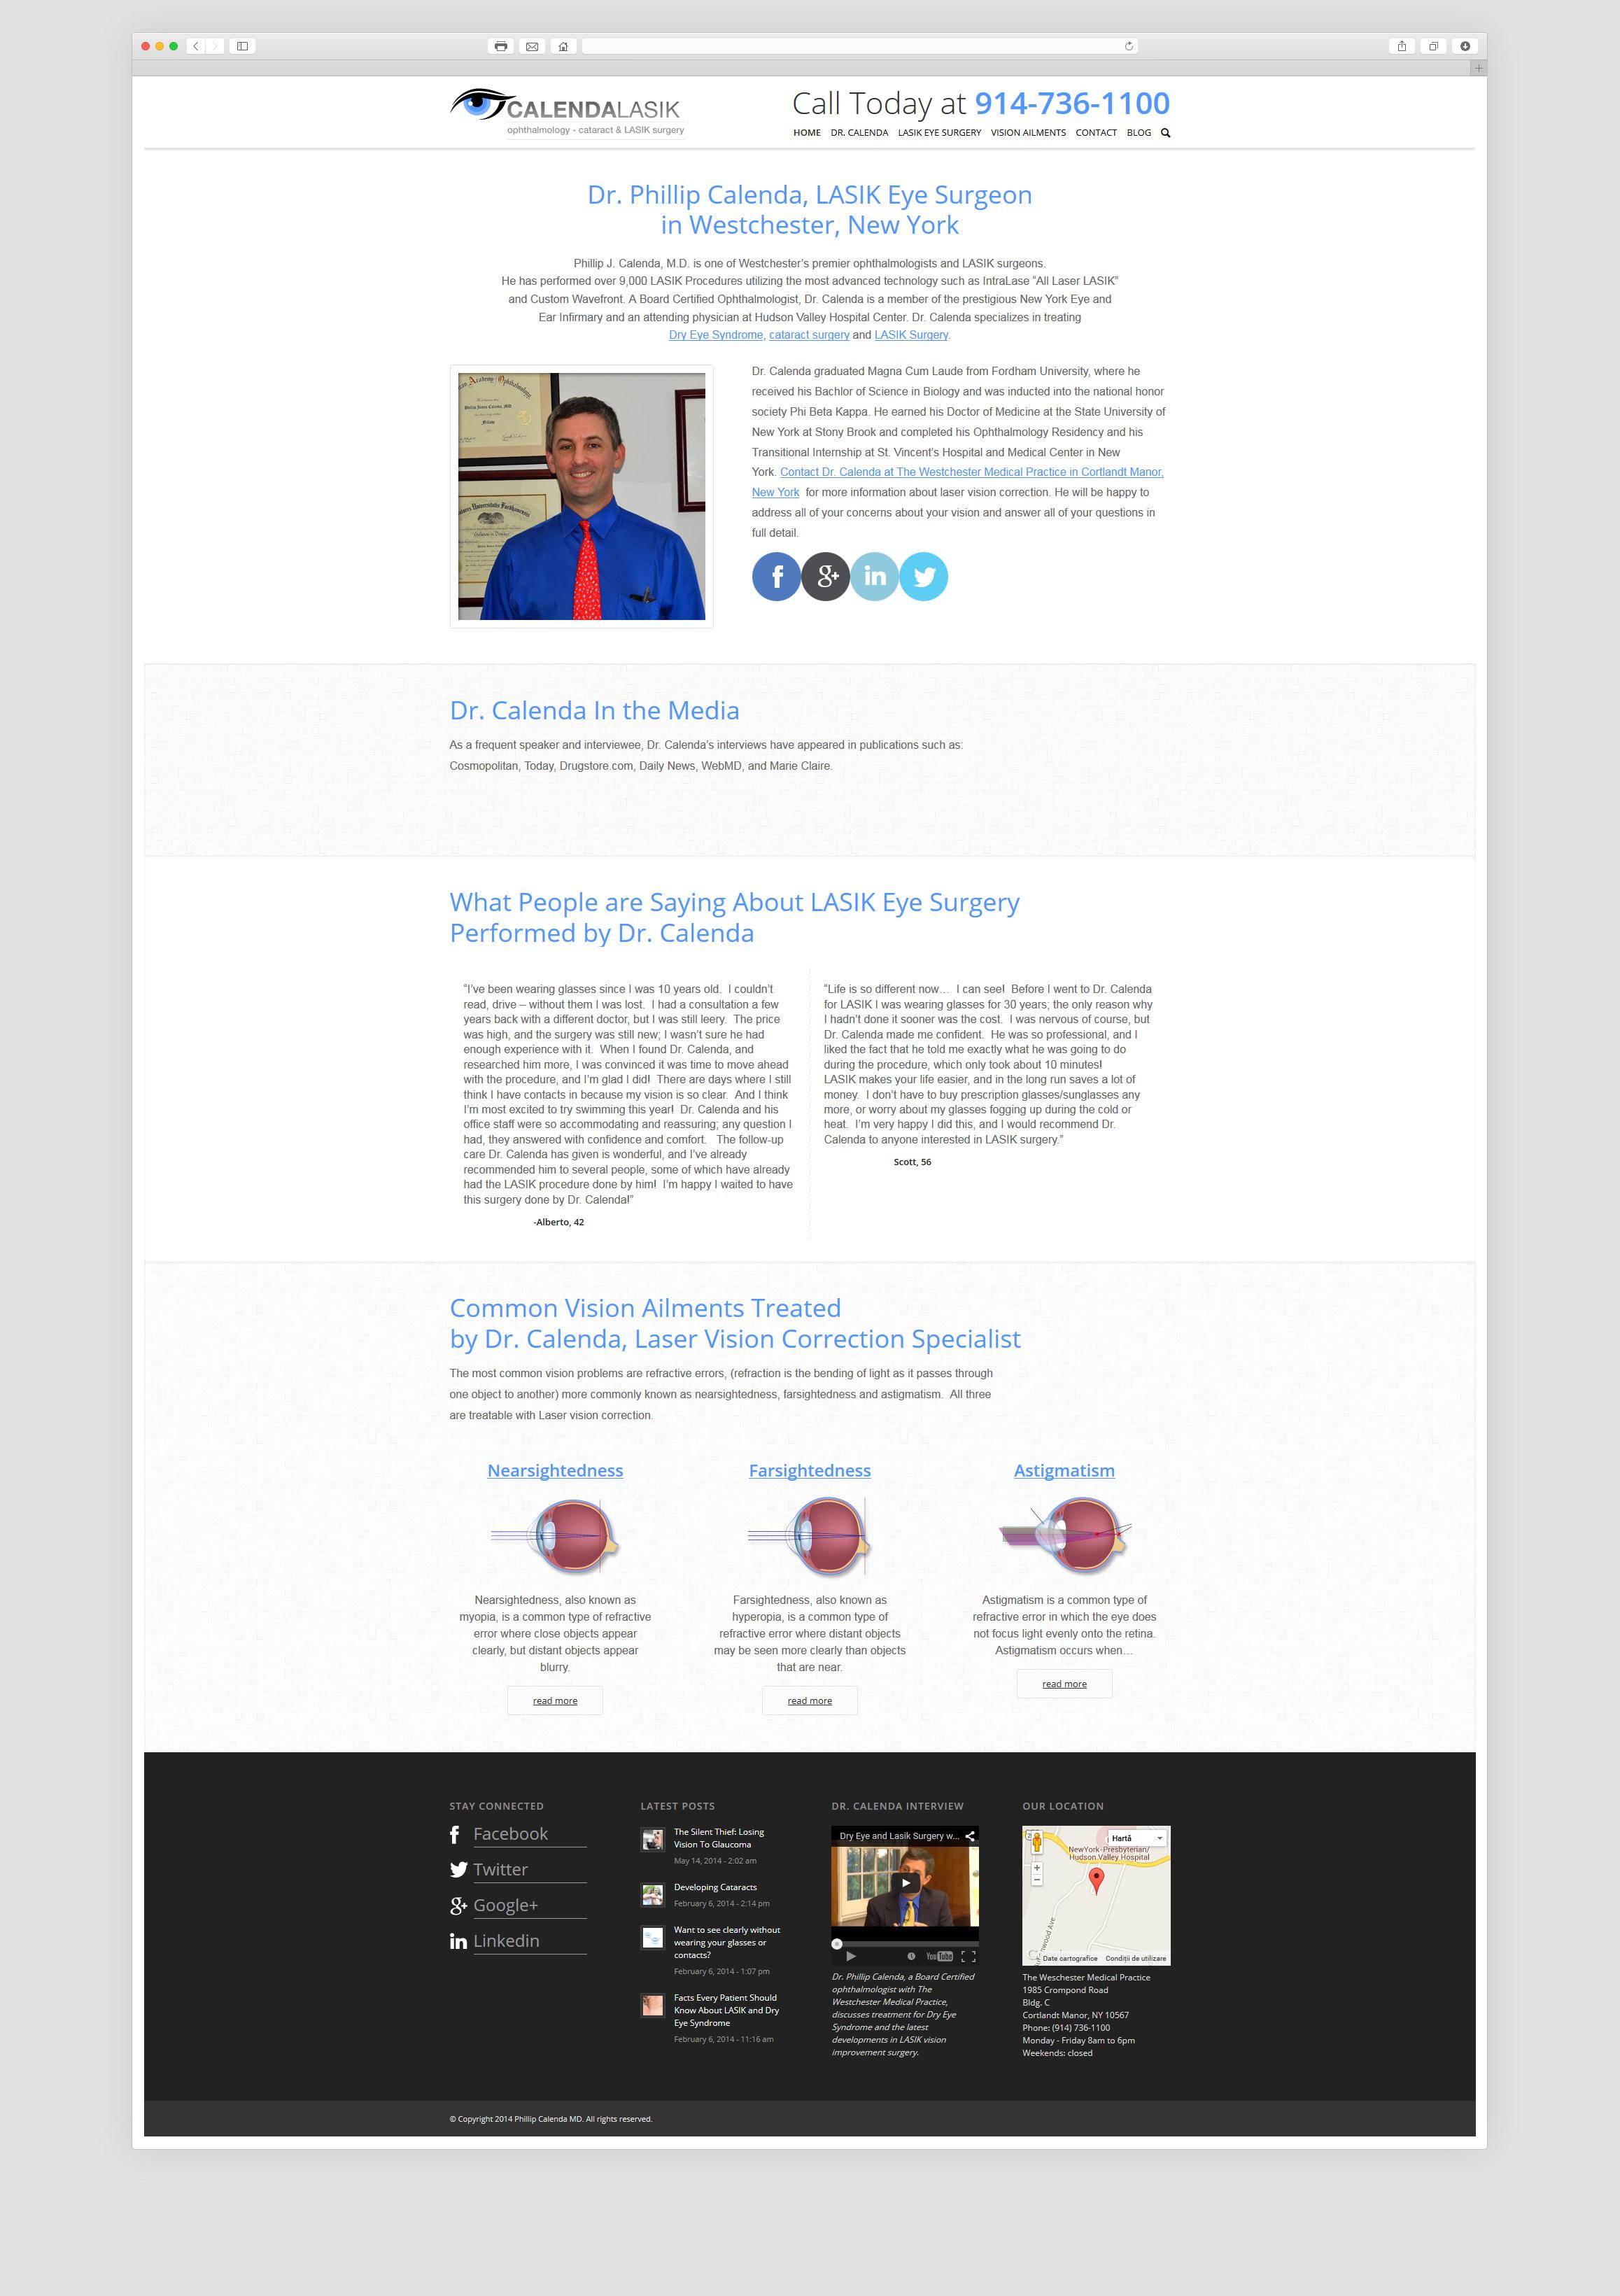 calendalasik_web_11